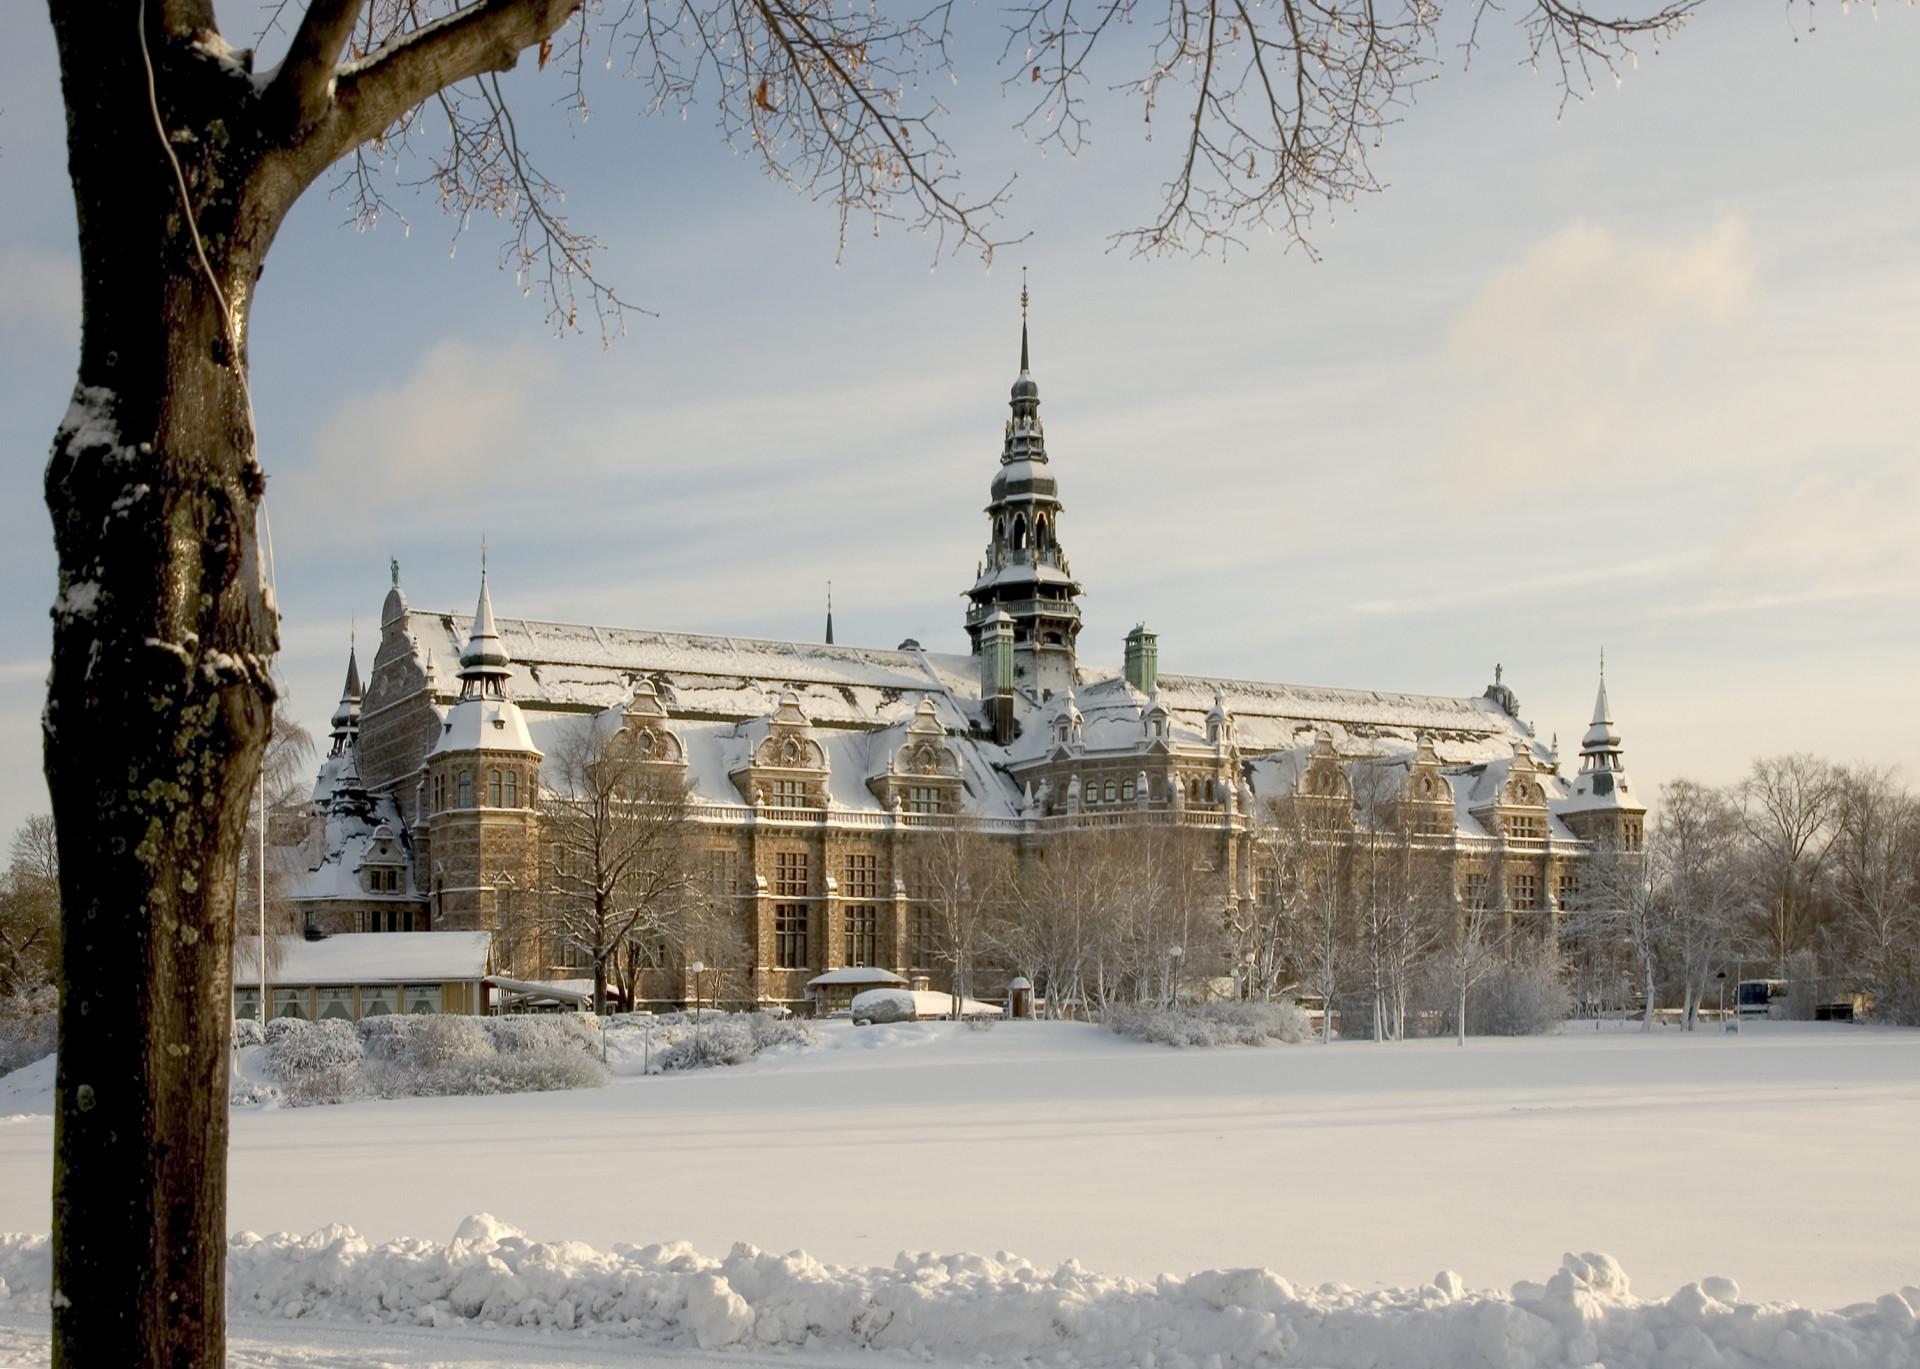 Nordiska museet i vinterskrud. Foto: Mats Landin/ Nordiska museet